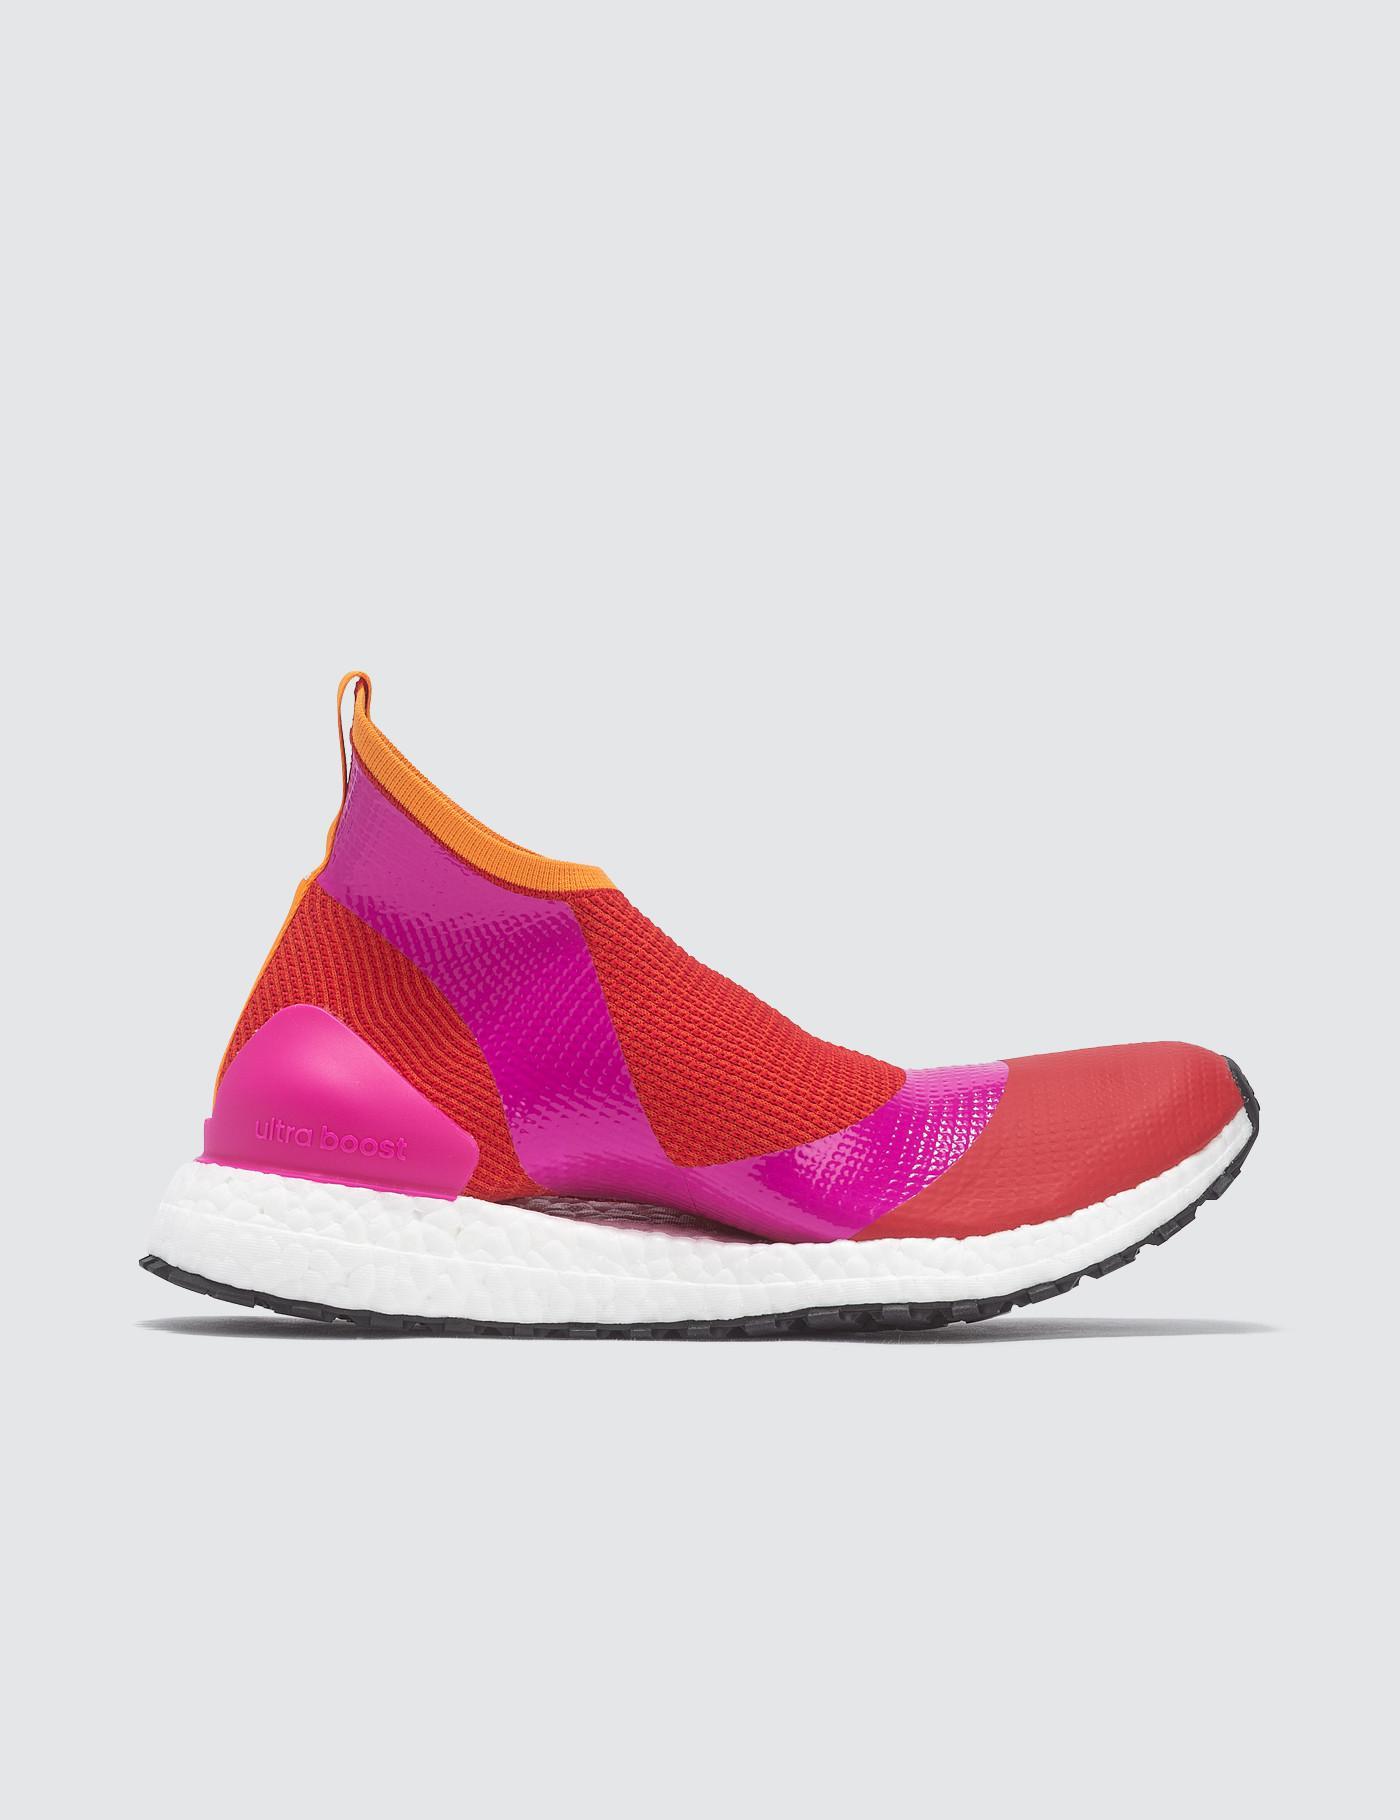 Lyst Adidas By By By Stella Mccartney Ultraboost X Atr in Rose ca17b4